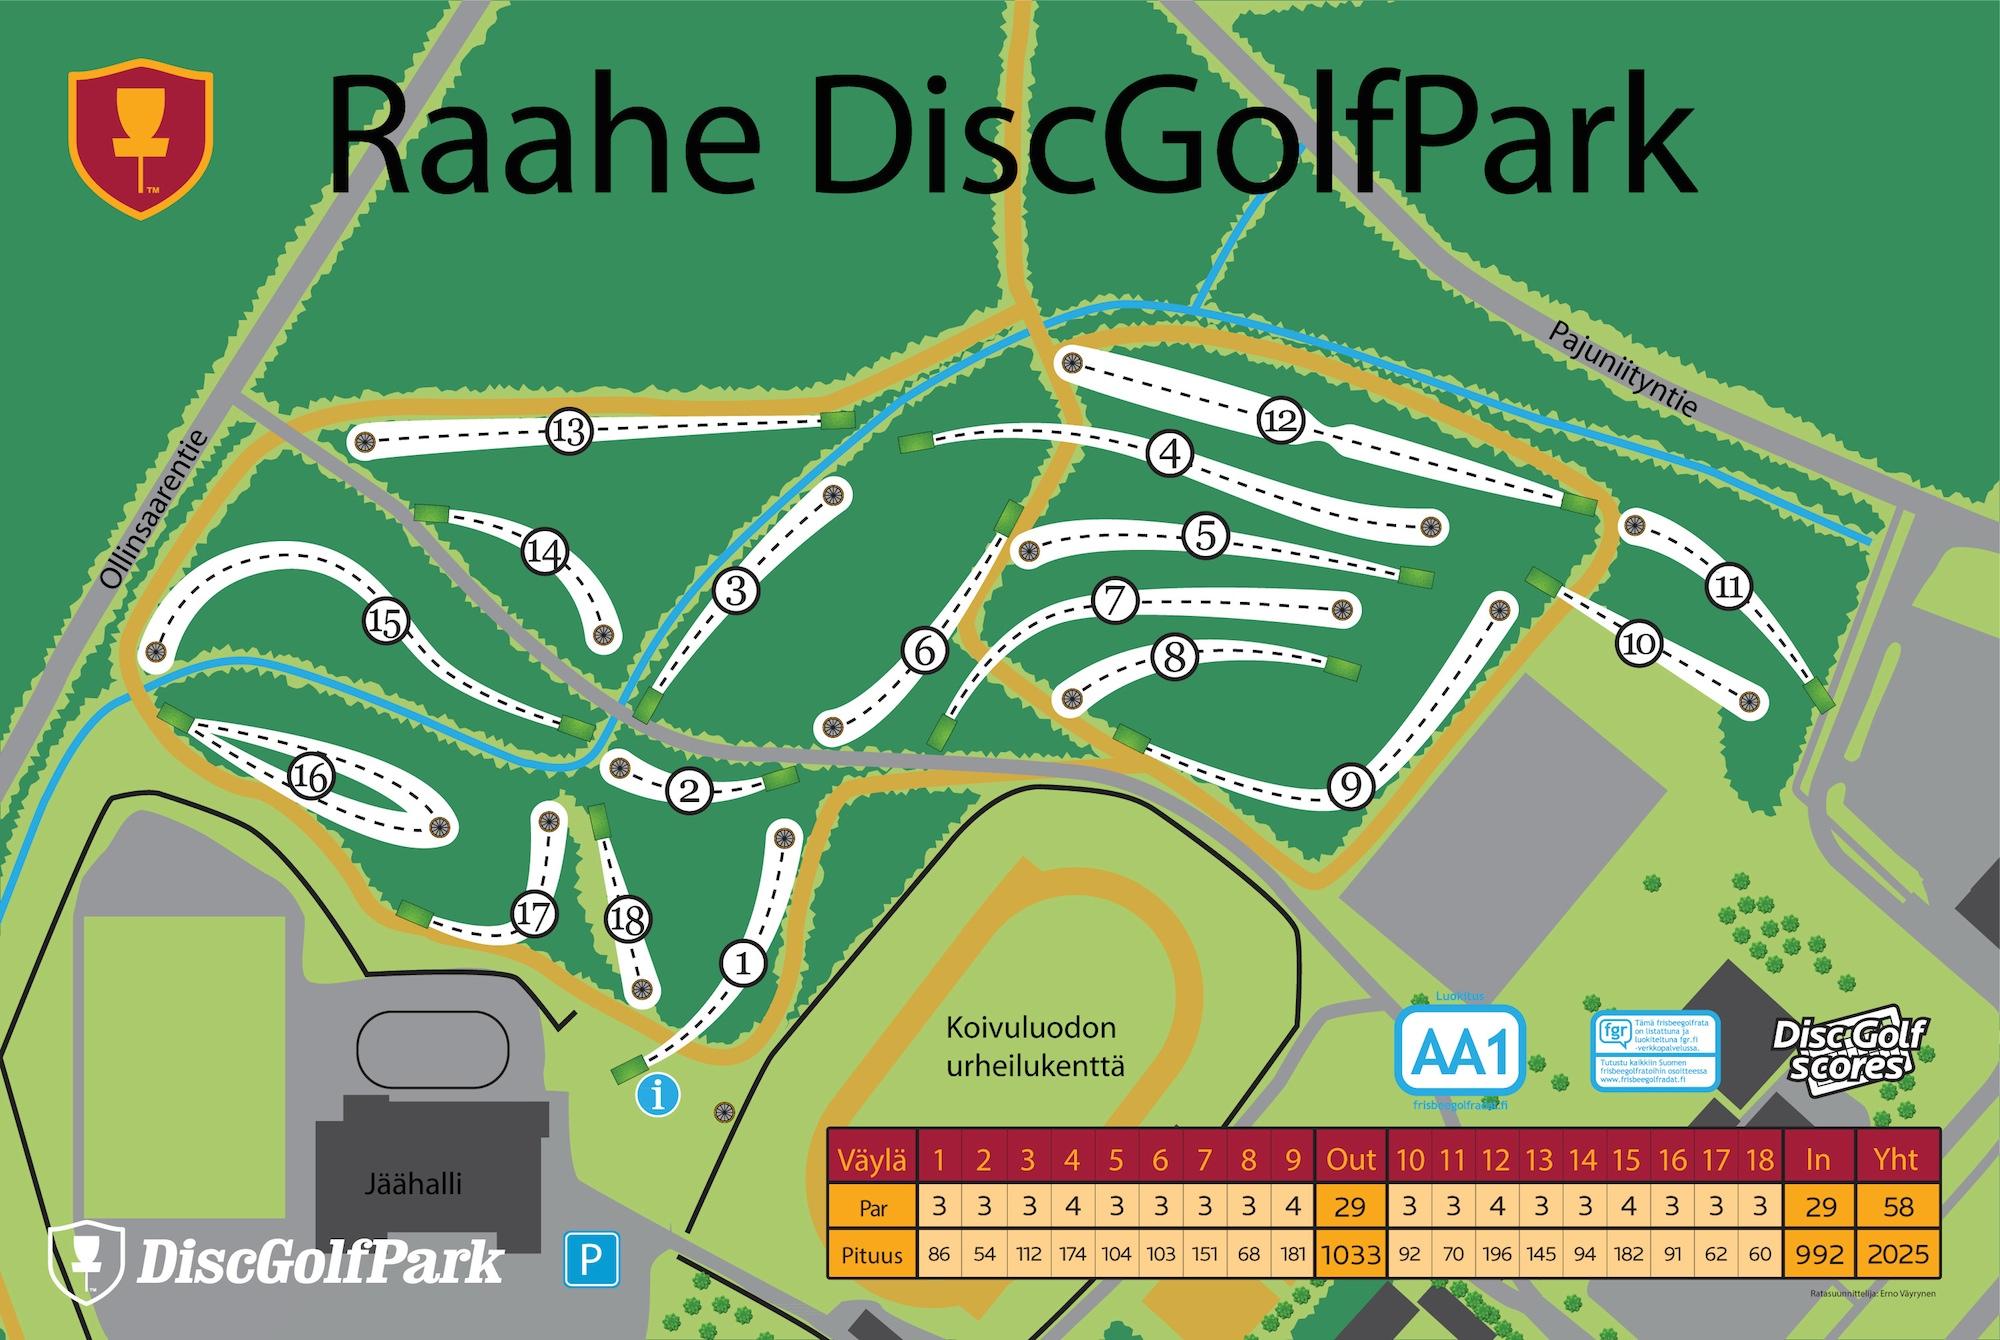 Raahe DiscGolfPark Radat Frisbeegolfradatfi